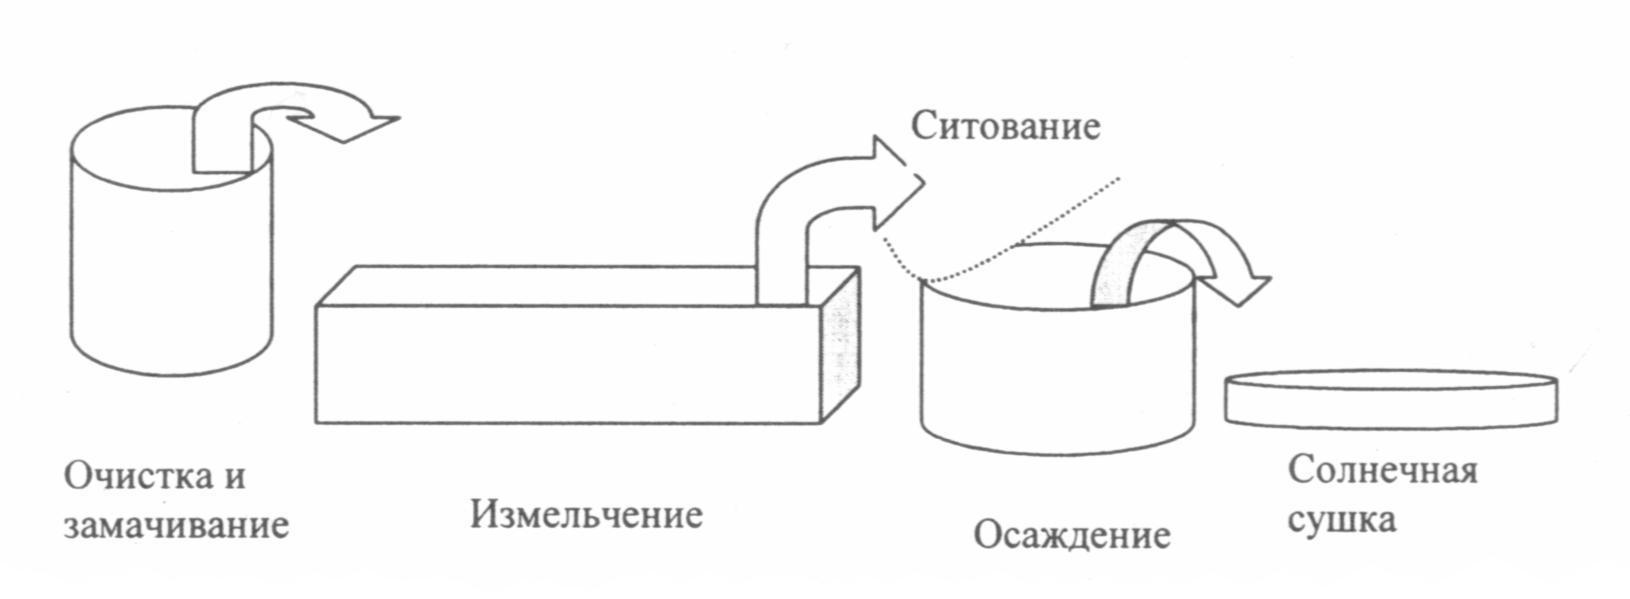 Схема основных операций древнего способа производства пшеничного крахмала